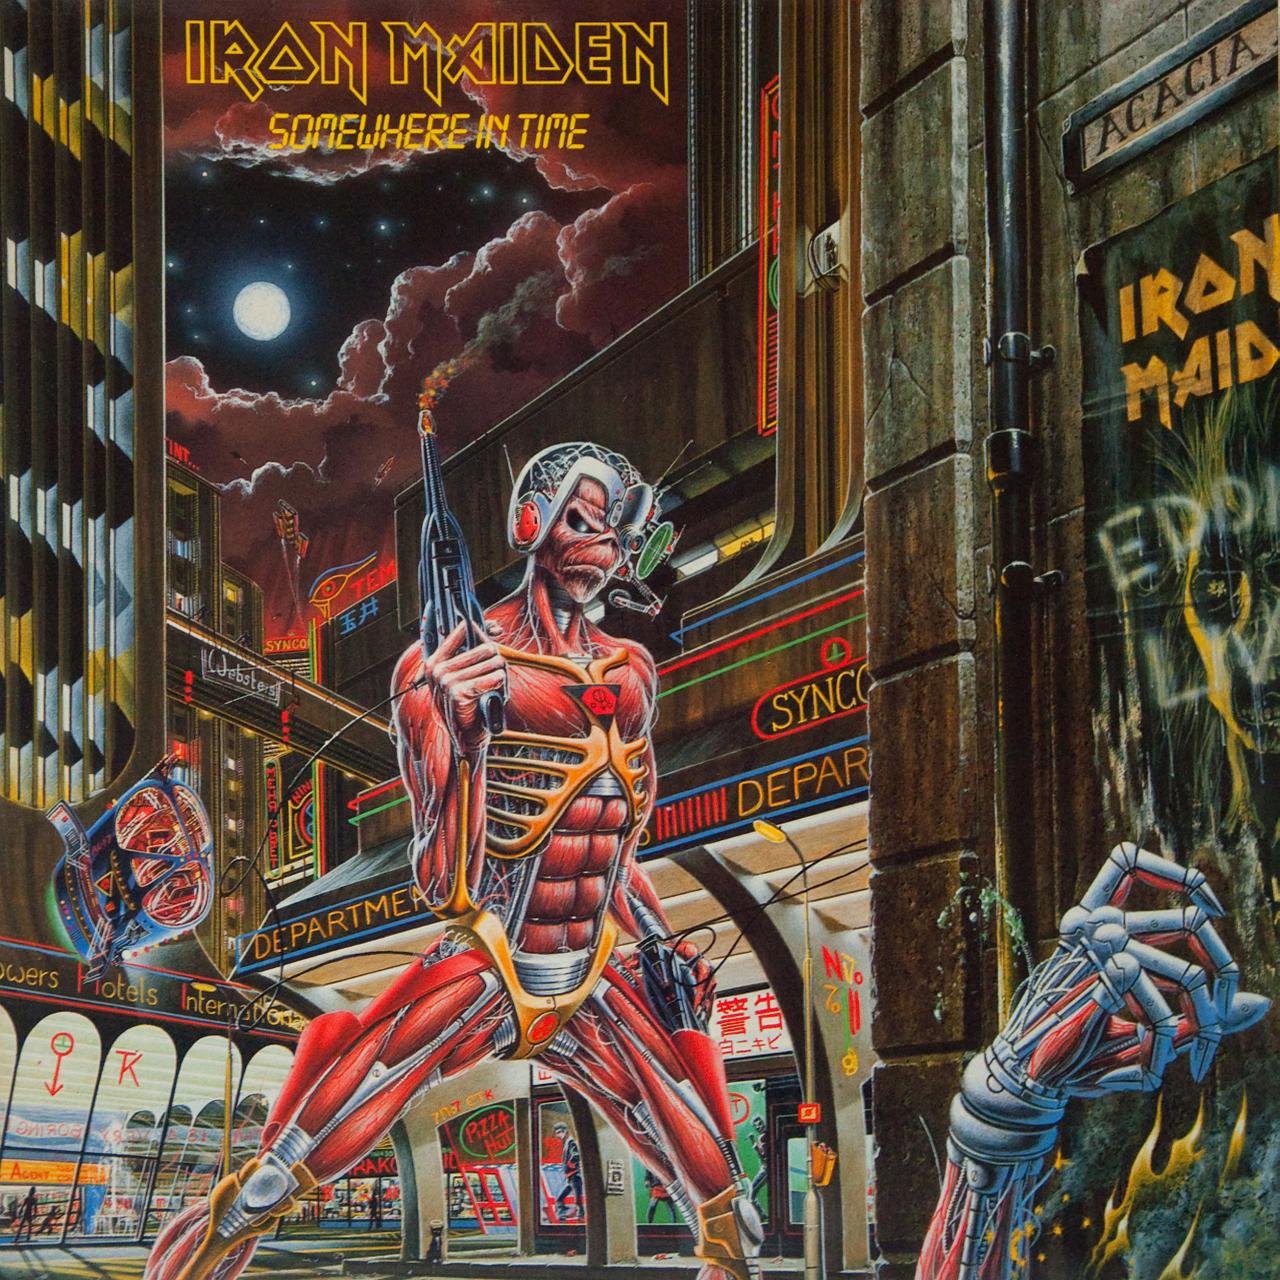 Pochette Iron Maiden Iron-maiden-somewhere-in-time